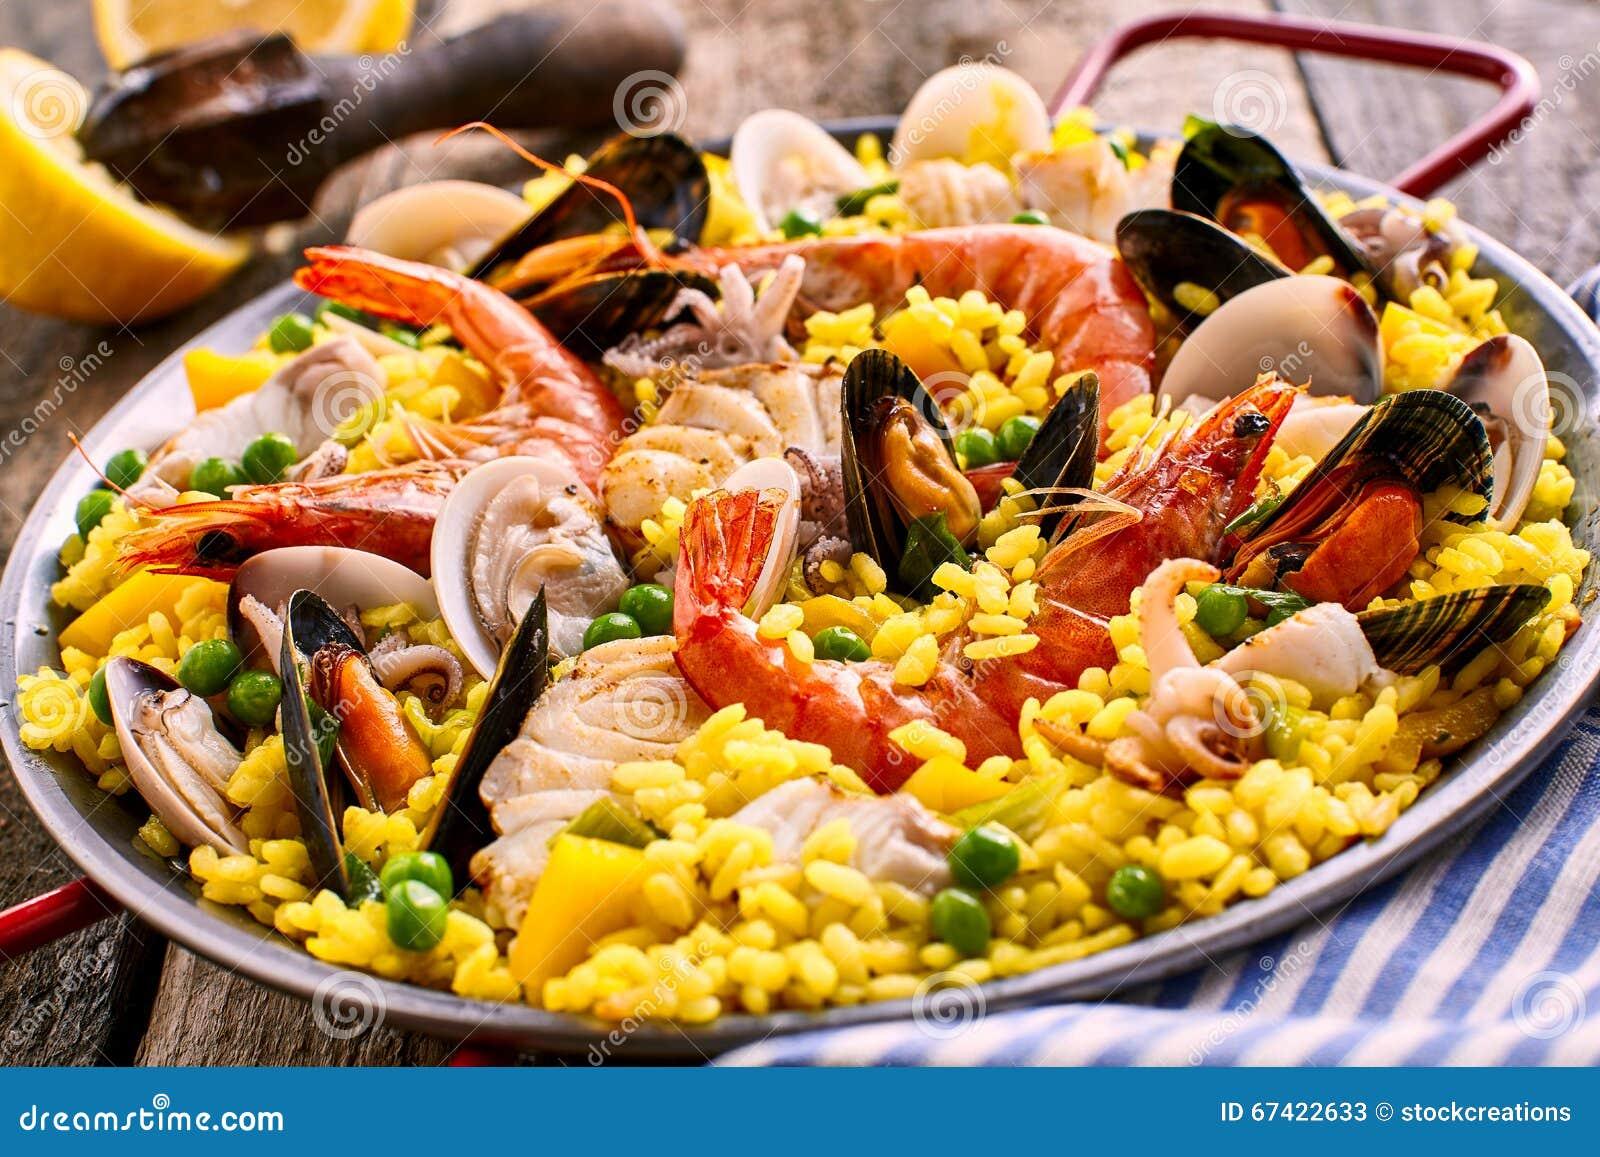 plat espagnol frais et color de paella de fruits de mer image stock image du recette pois. Black Bedroom Furniture Sets. Home Design Ideas